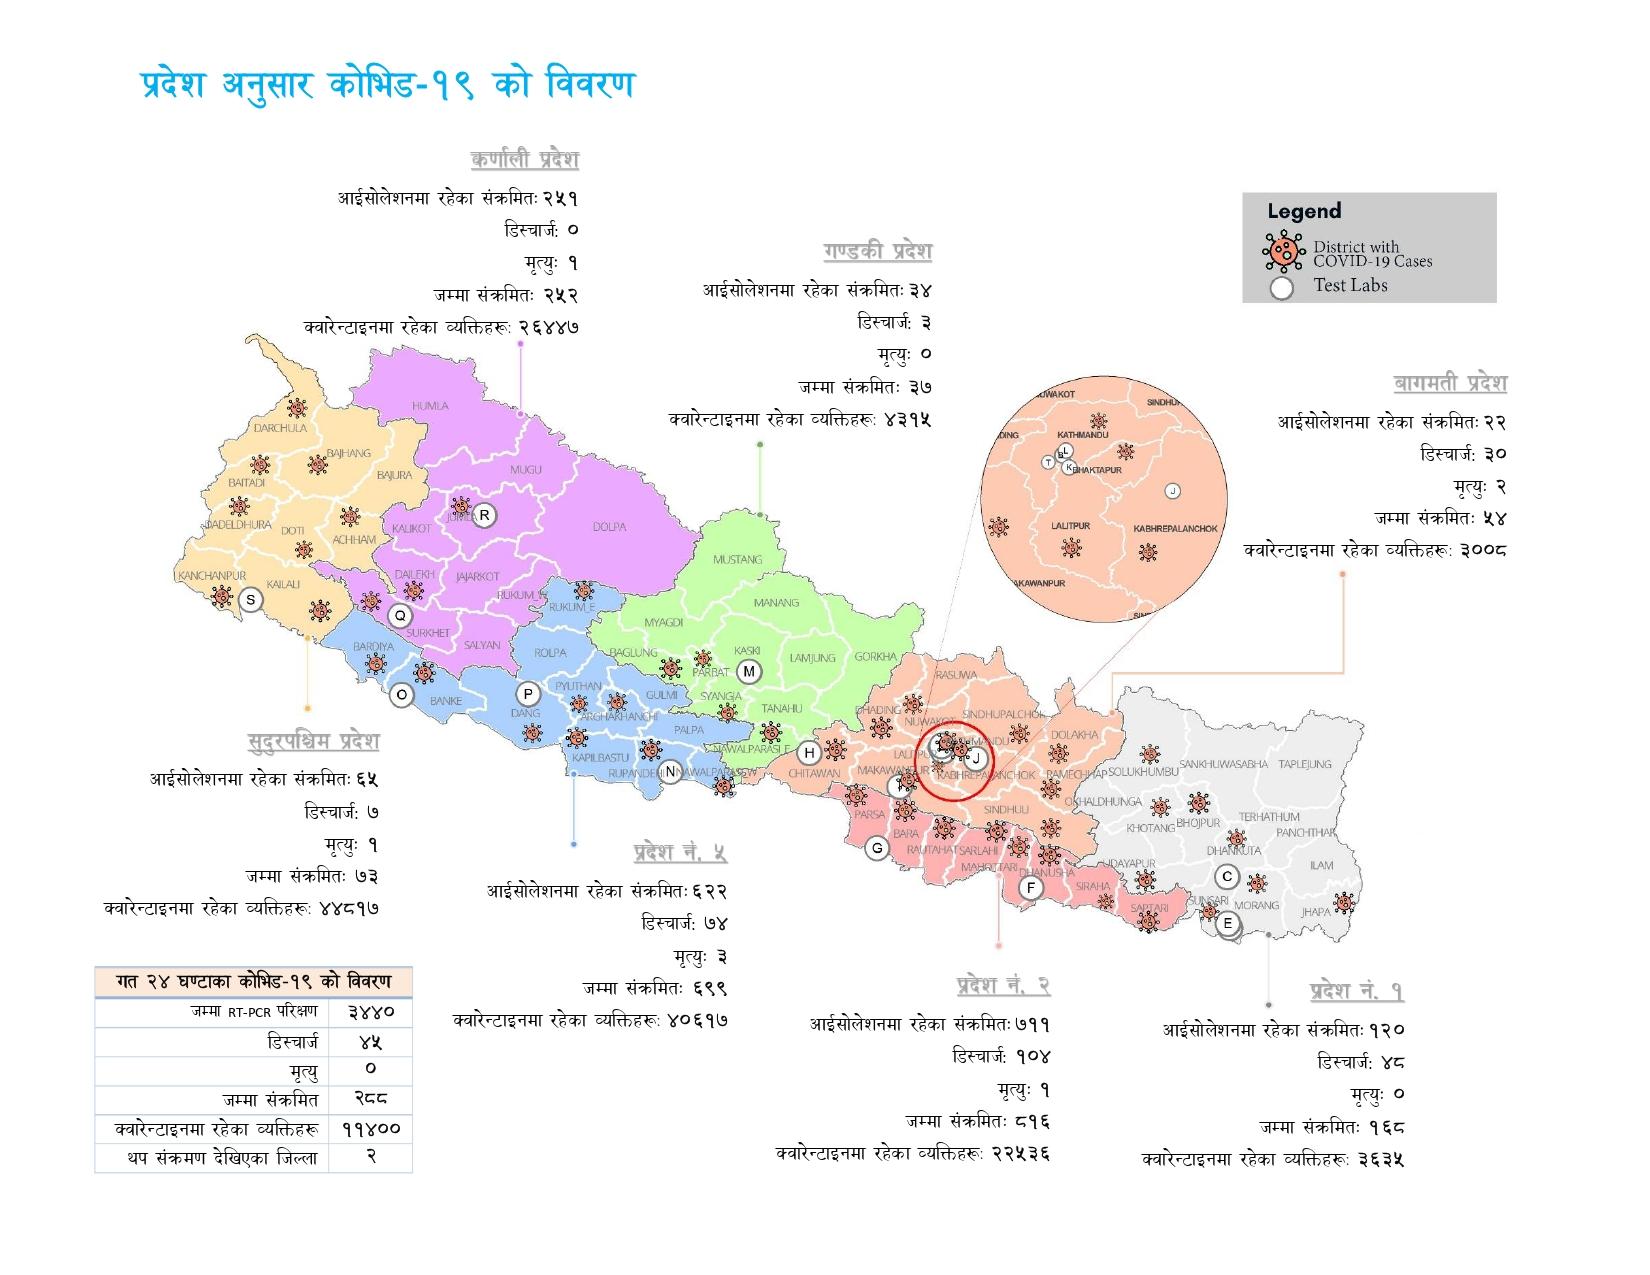 ६१ जिल्लामा सङ्क्रमण, २६६ जना डिस्चार्ज